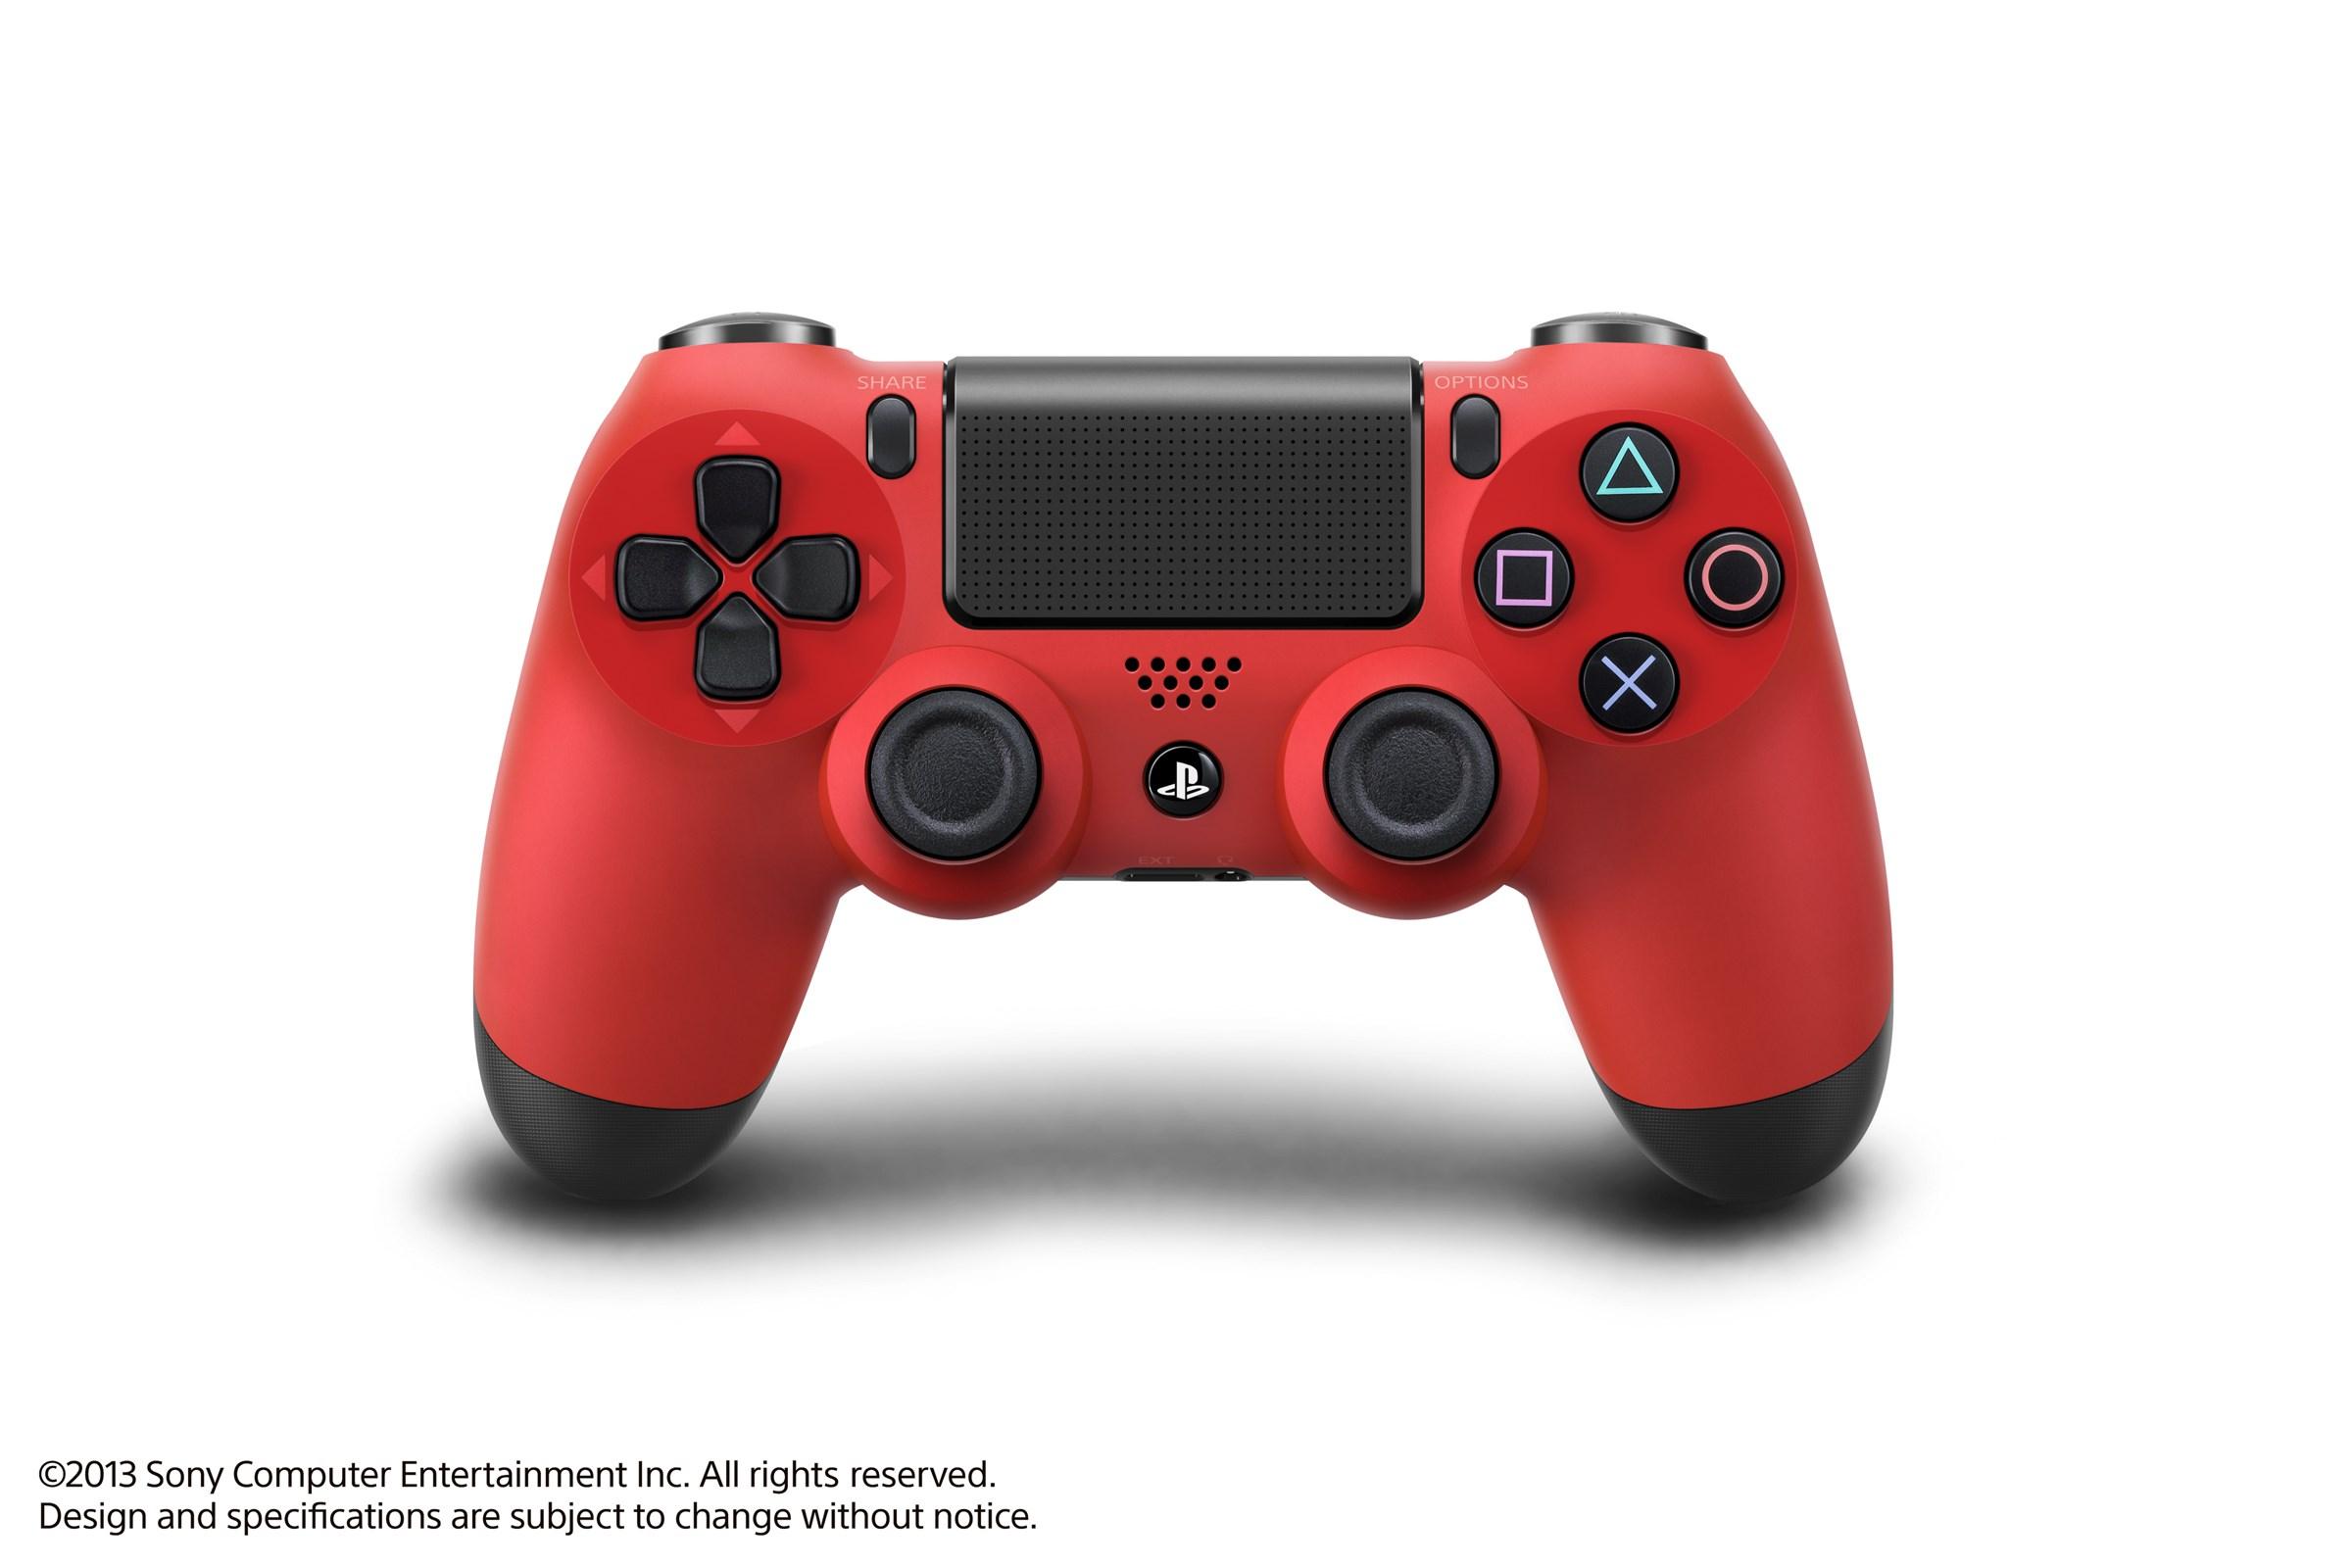 Modrá a červená varianta DualShocku 4 86418